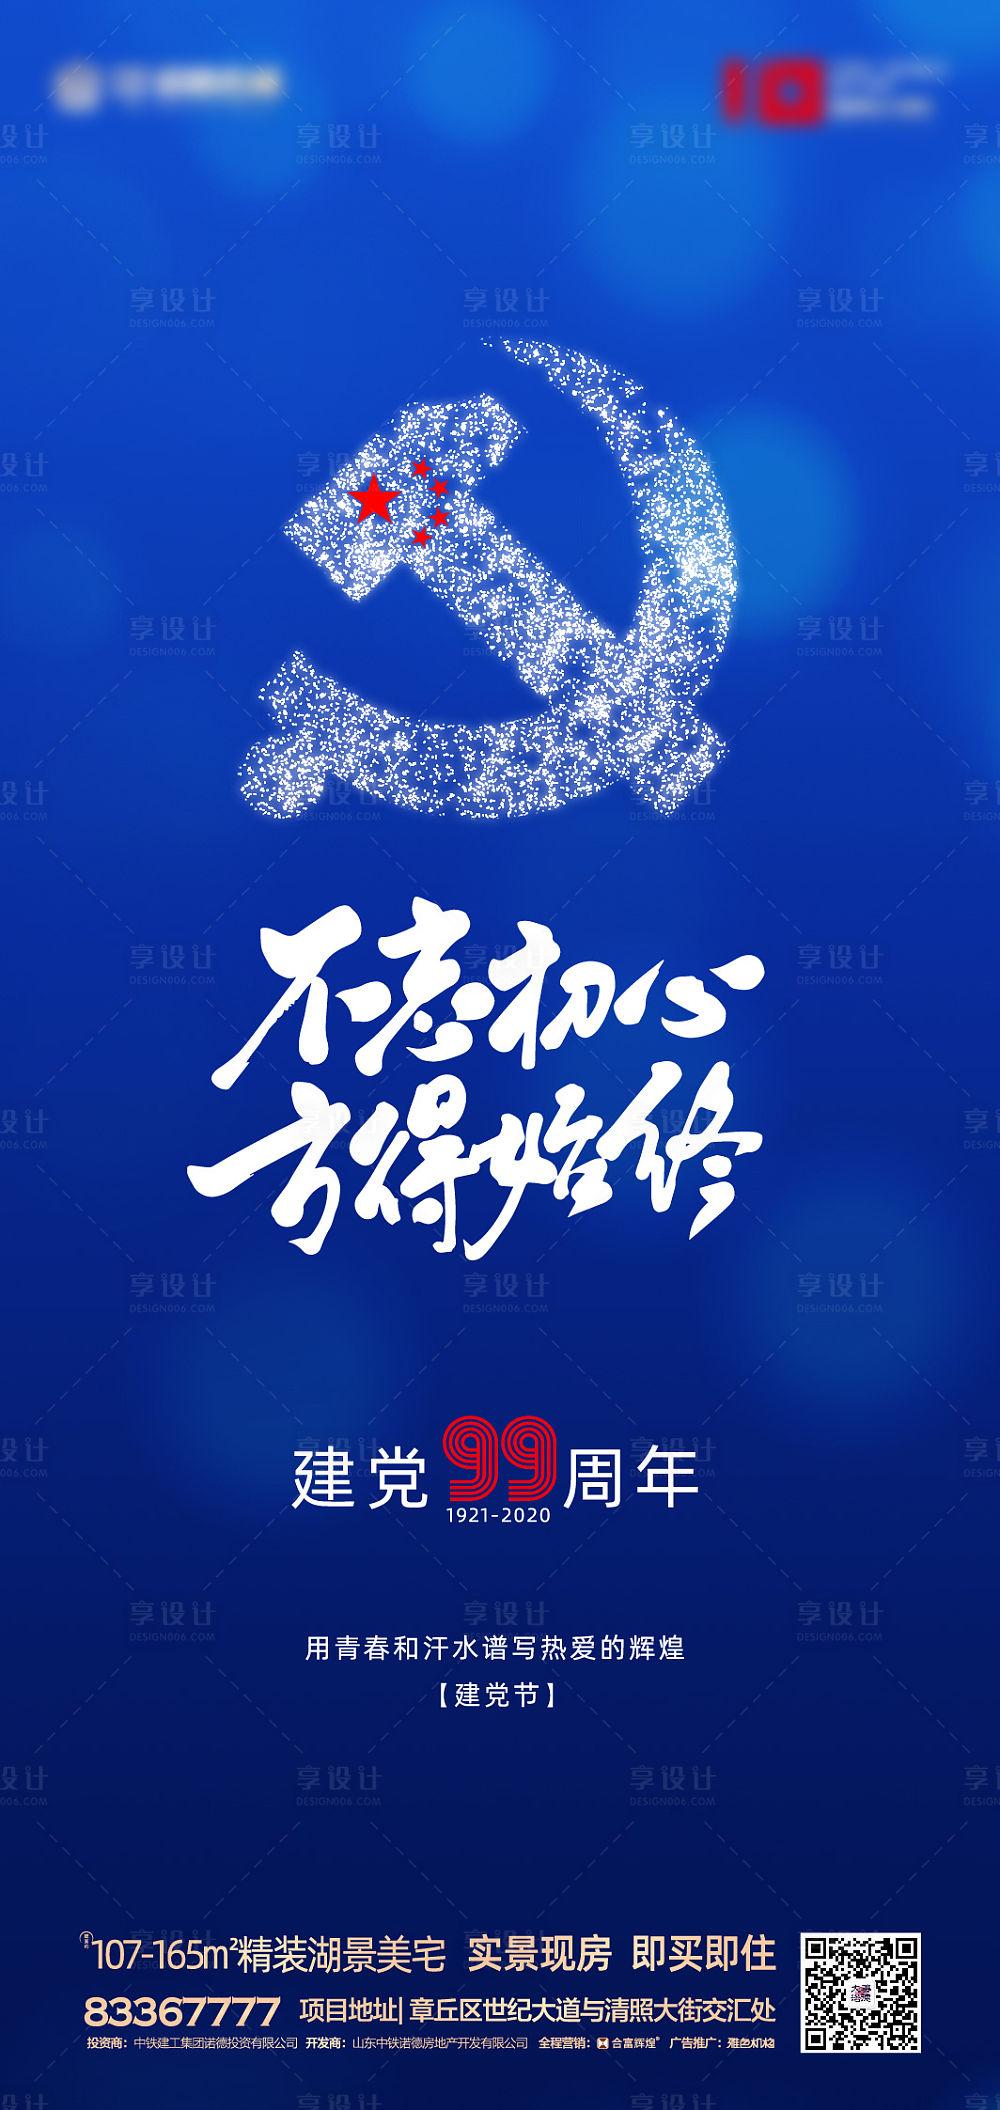 【源文件下载】 海报 房地产 公历节日 建党节 文字